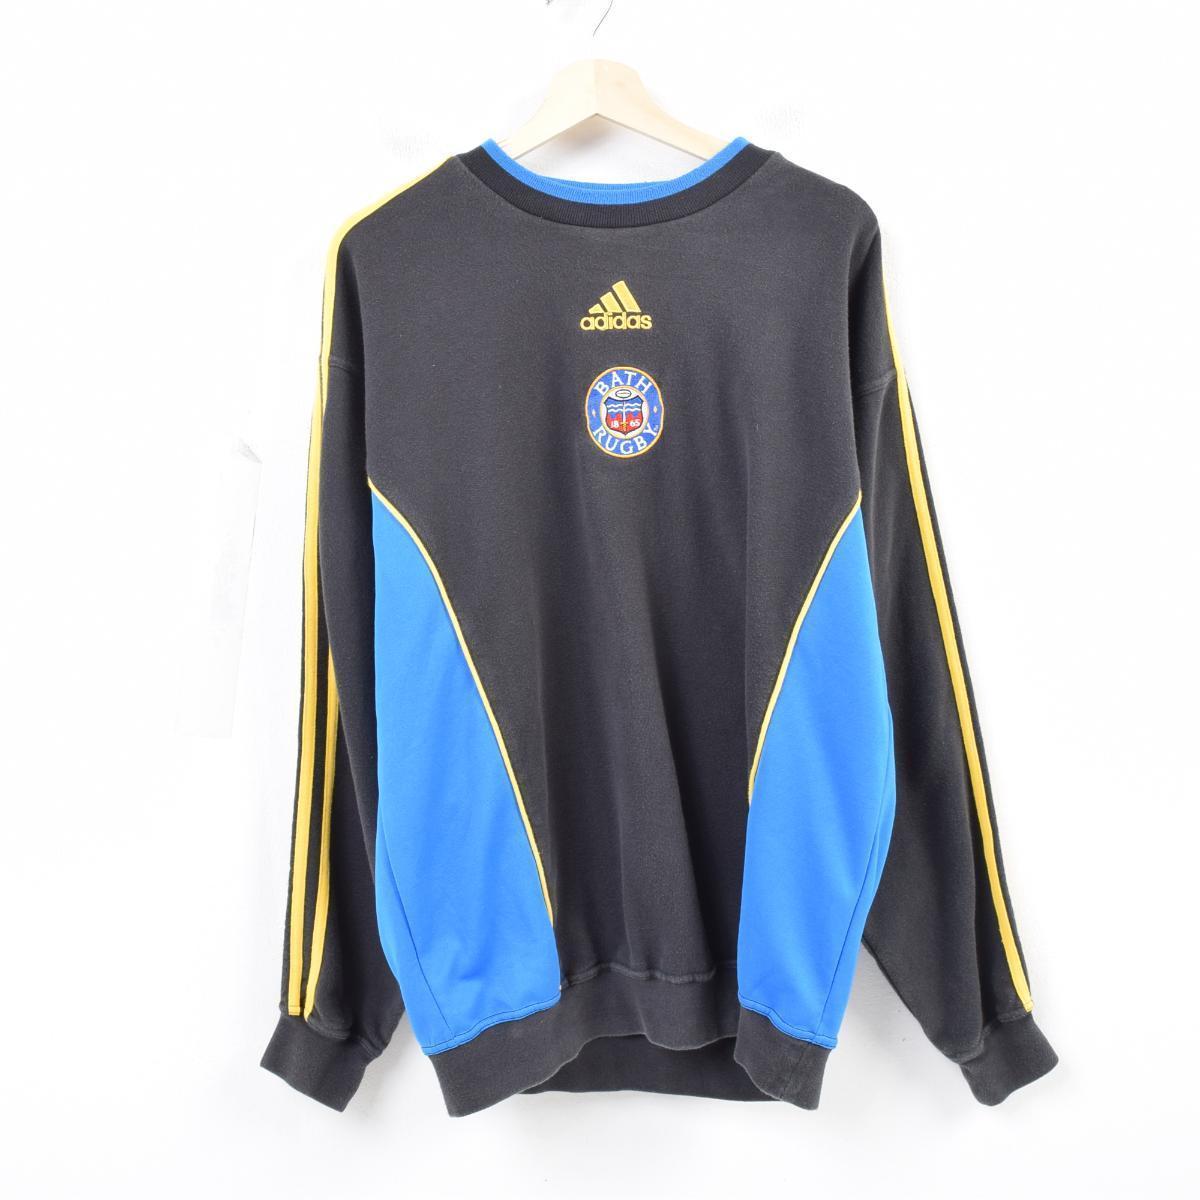 ef1bf9dbdf9 90s Adidas adidas BATH RUGBY Bath rugby logo sweat shirt trainer men XL  /wau0844 ...